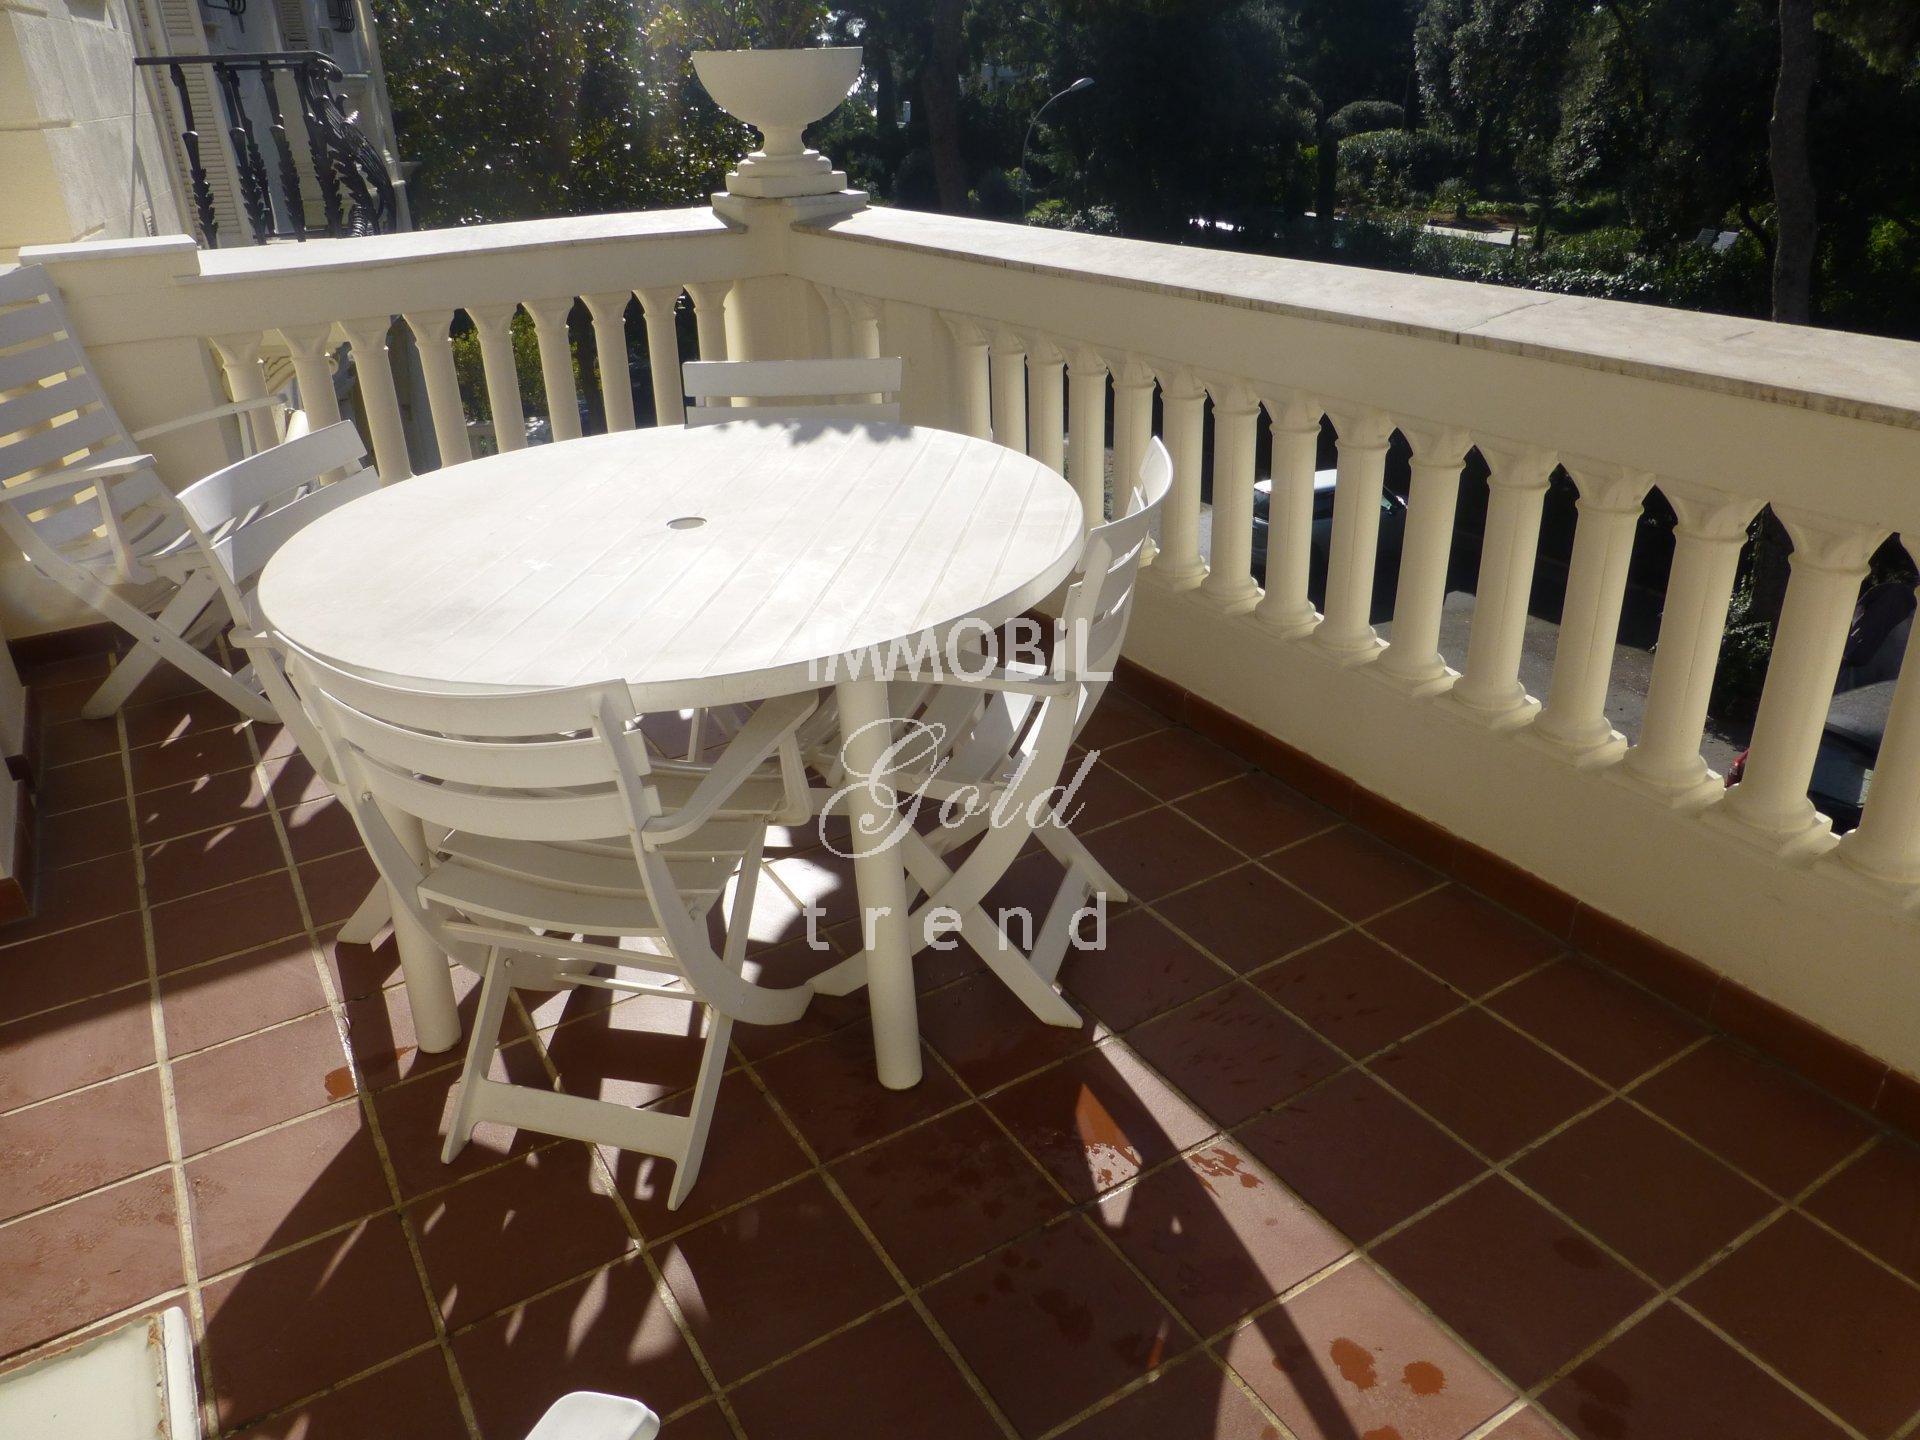 Immobilier Roquebrune Cap Martin - A vendre, appartement trois pièces dans une résidence de prestige avec parc et piscine